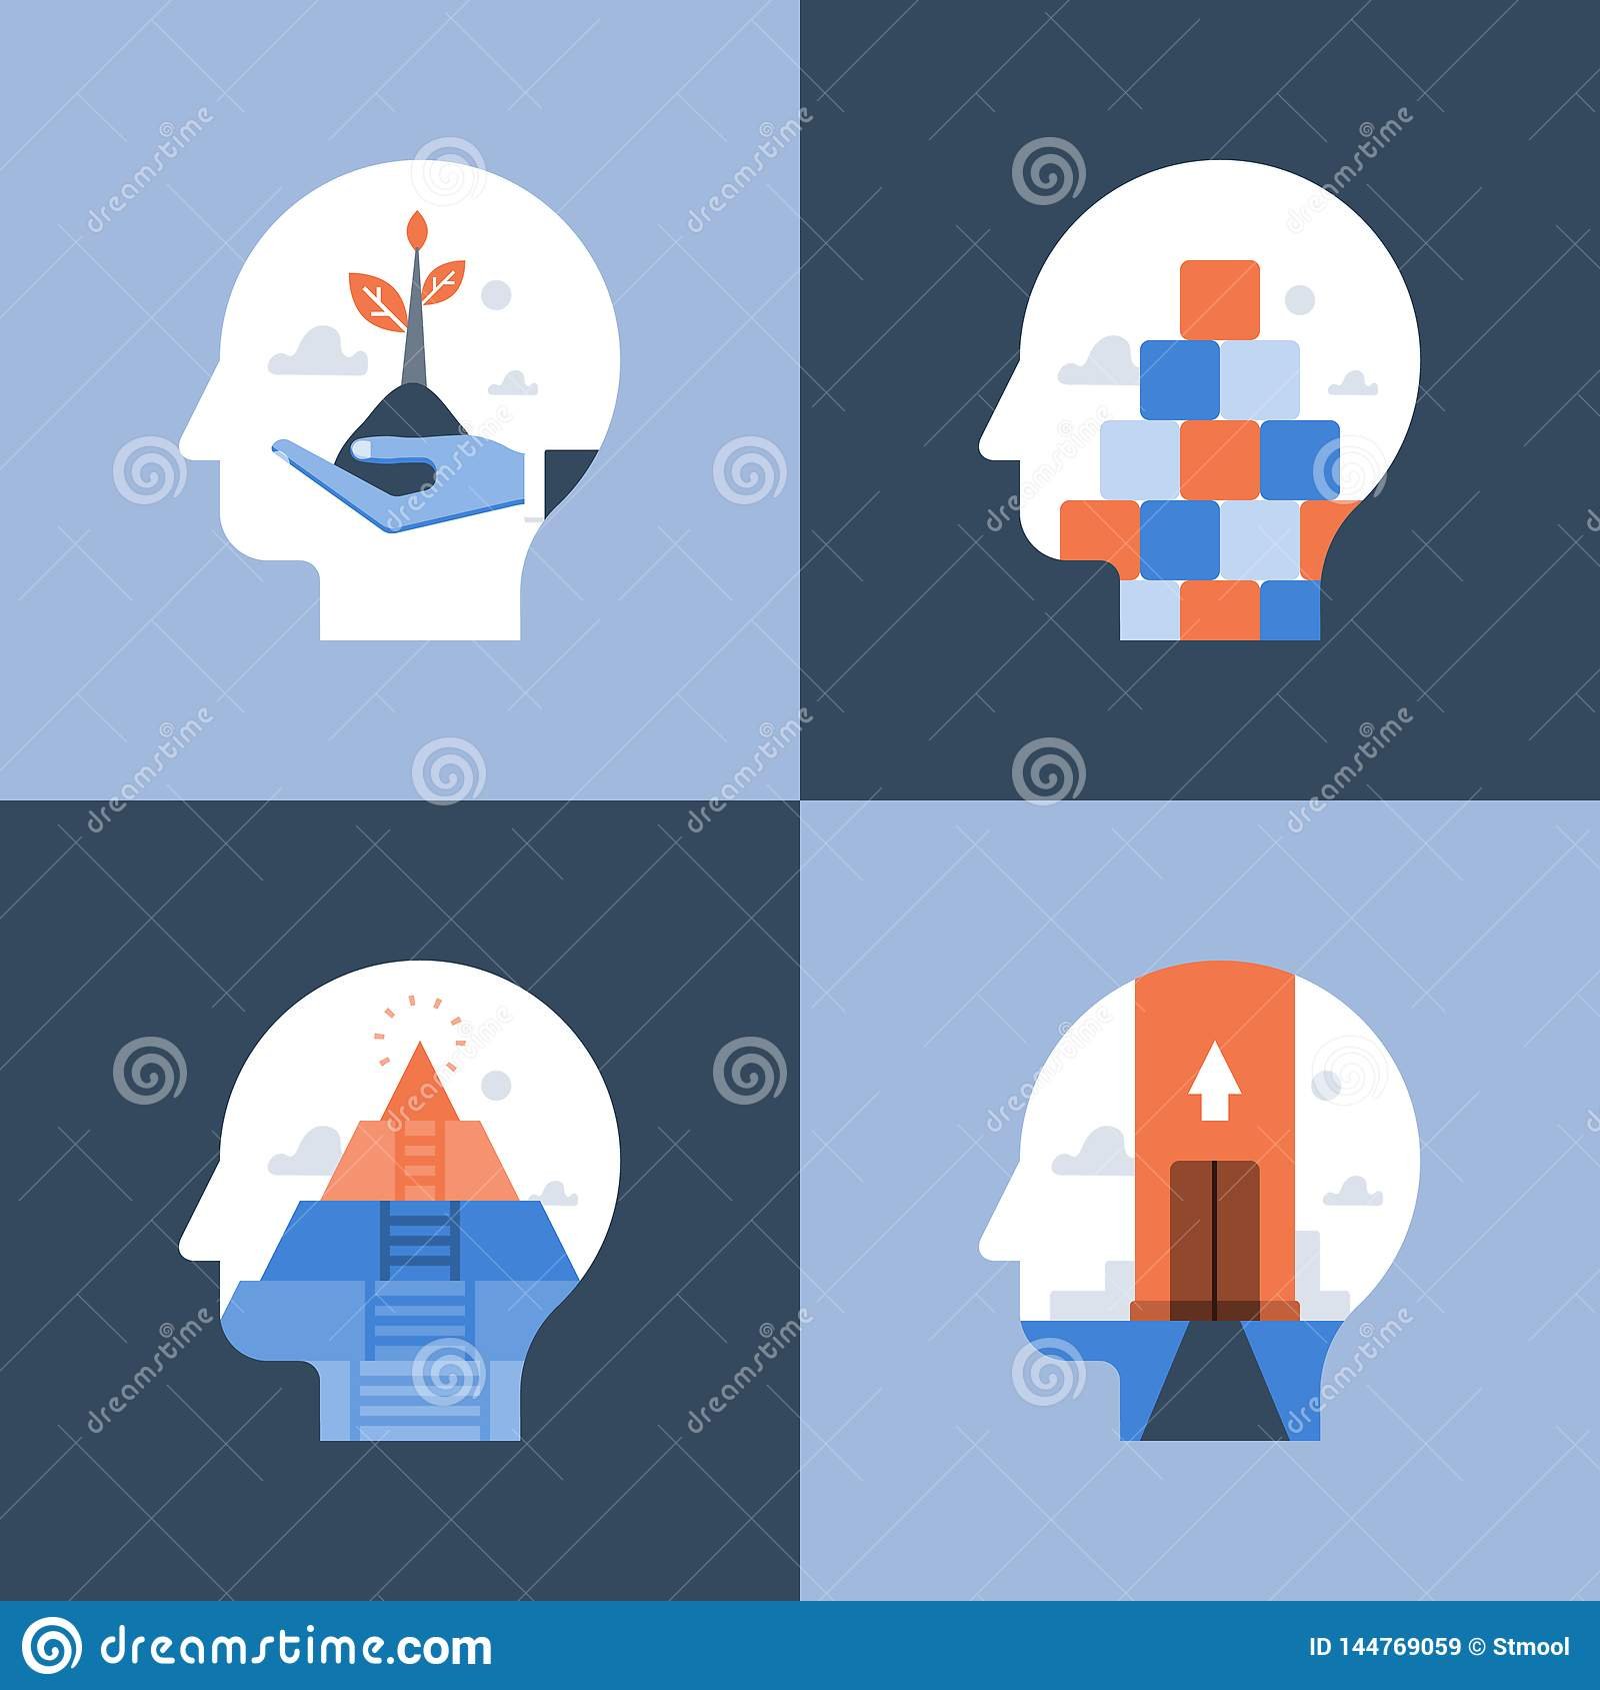 Potentiell utveckling, tillväxtmindset, kritiskt eller positivt tänka, psykologi eller psykiatri